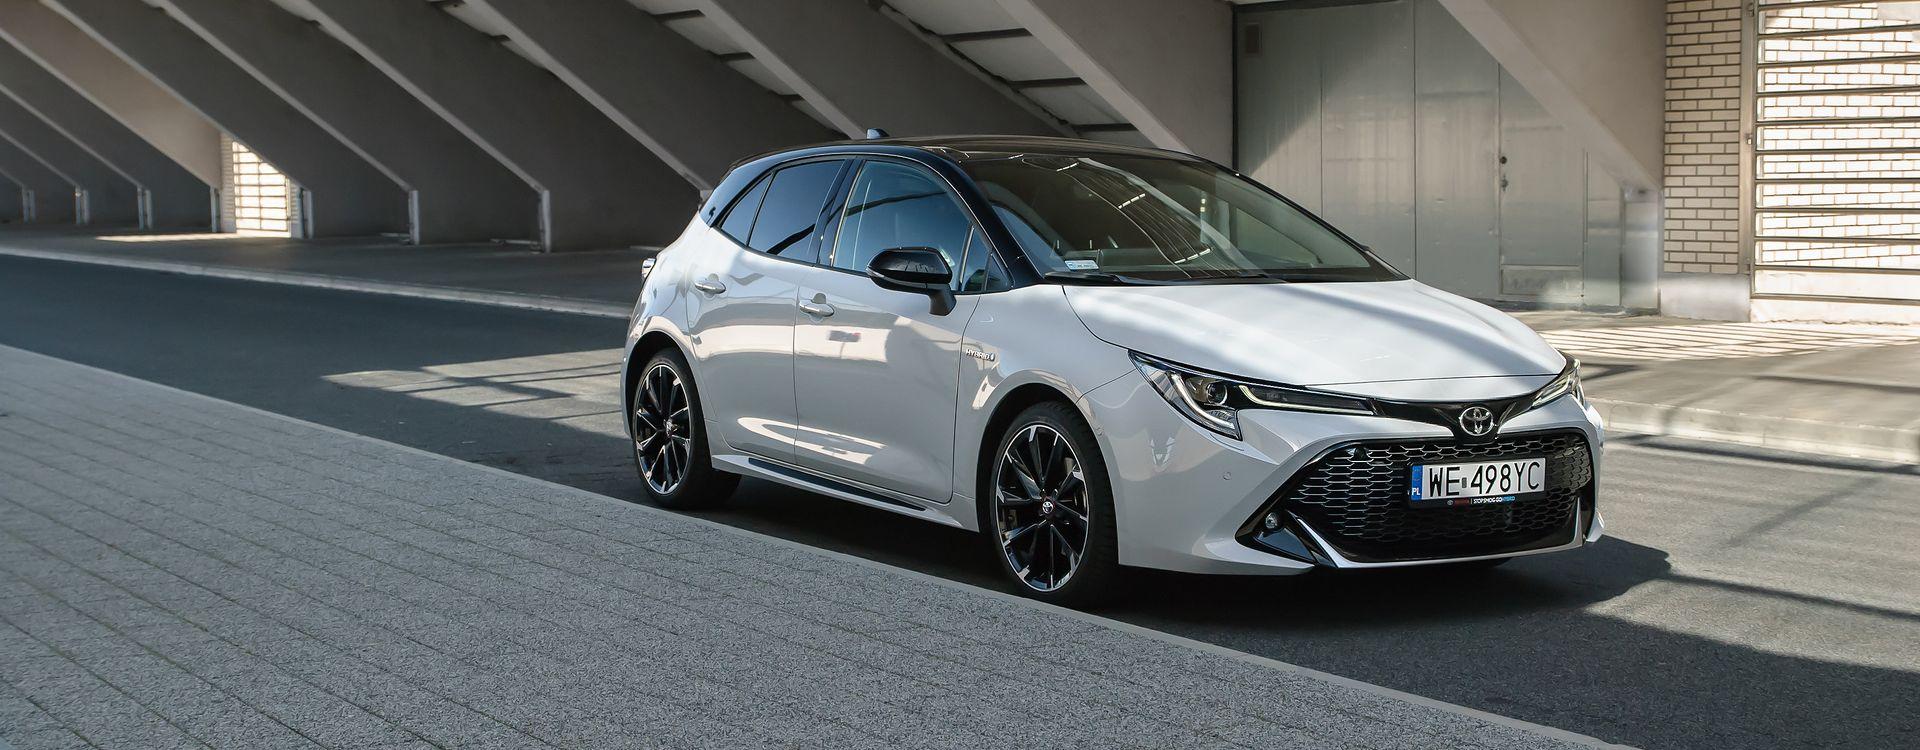 Pakiet stylizacyjny sprawia, że Corolla wygląda jeszcze lepiej.